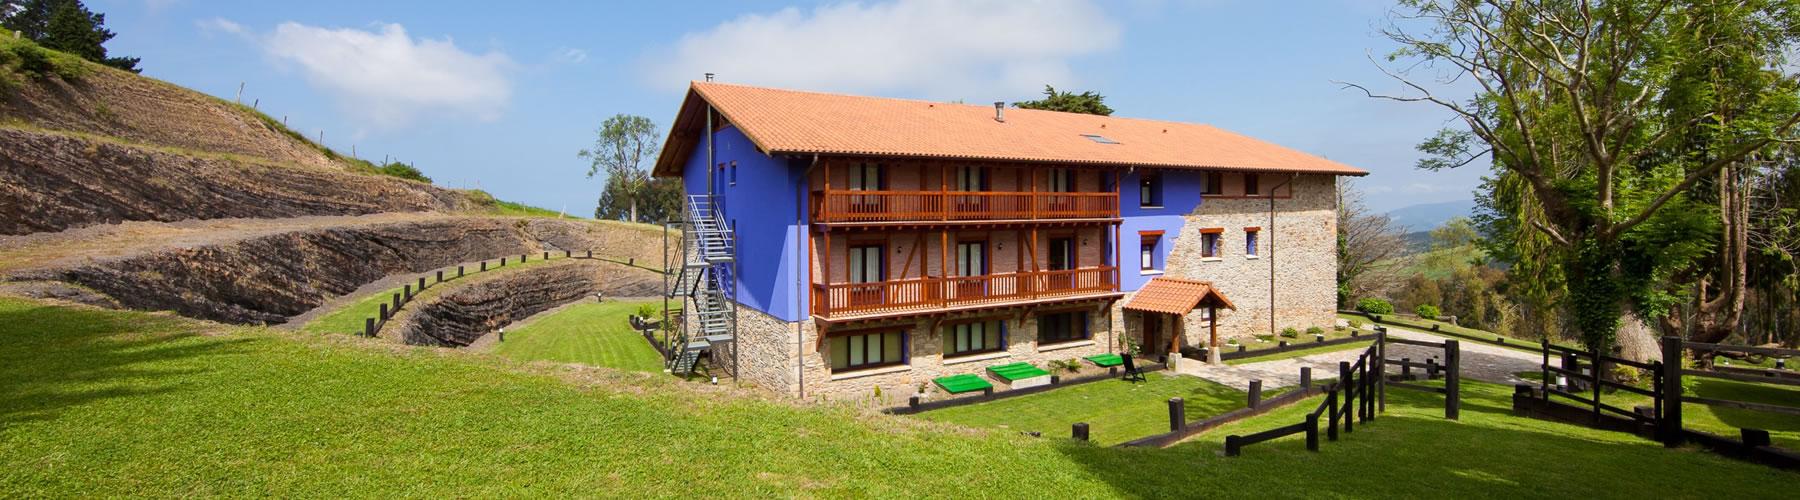 Atxurra un hotel ecológico en Bizkaia